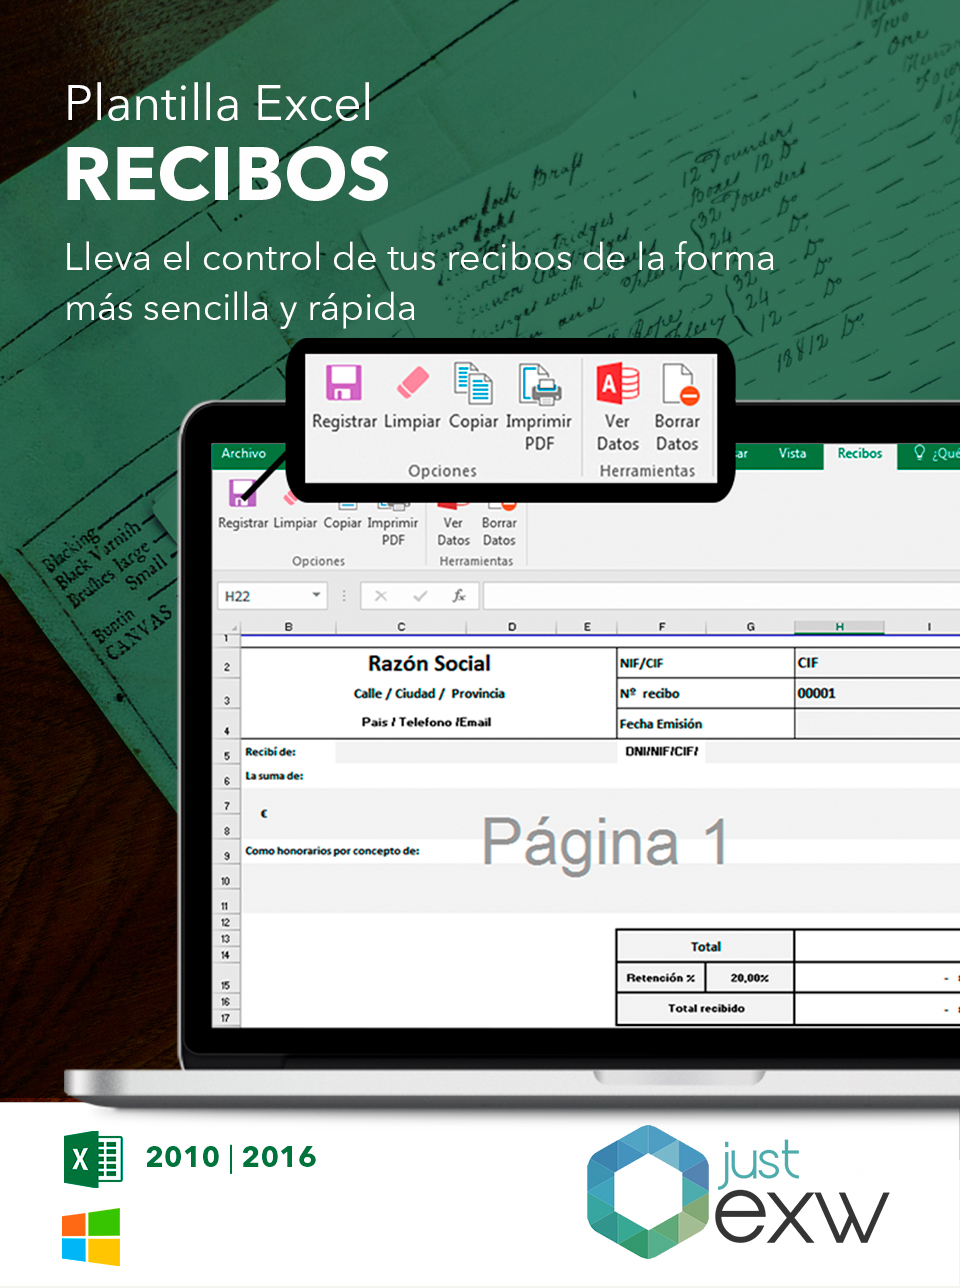 Plantilla de recibos en Excel | Plantilla para descargar